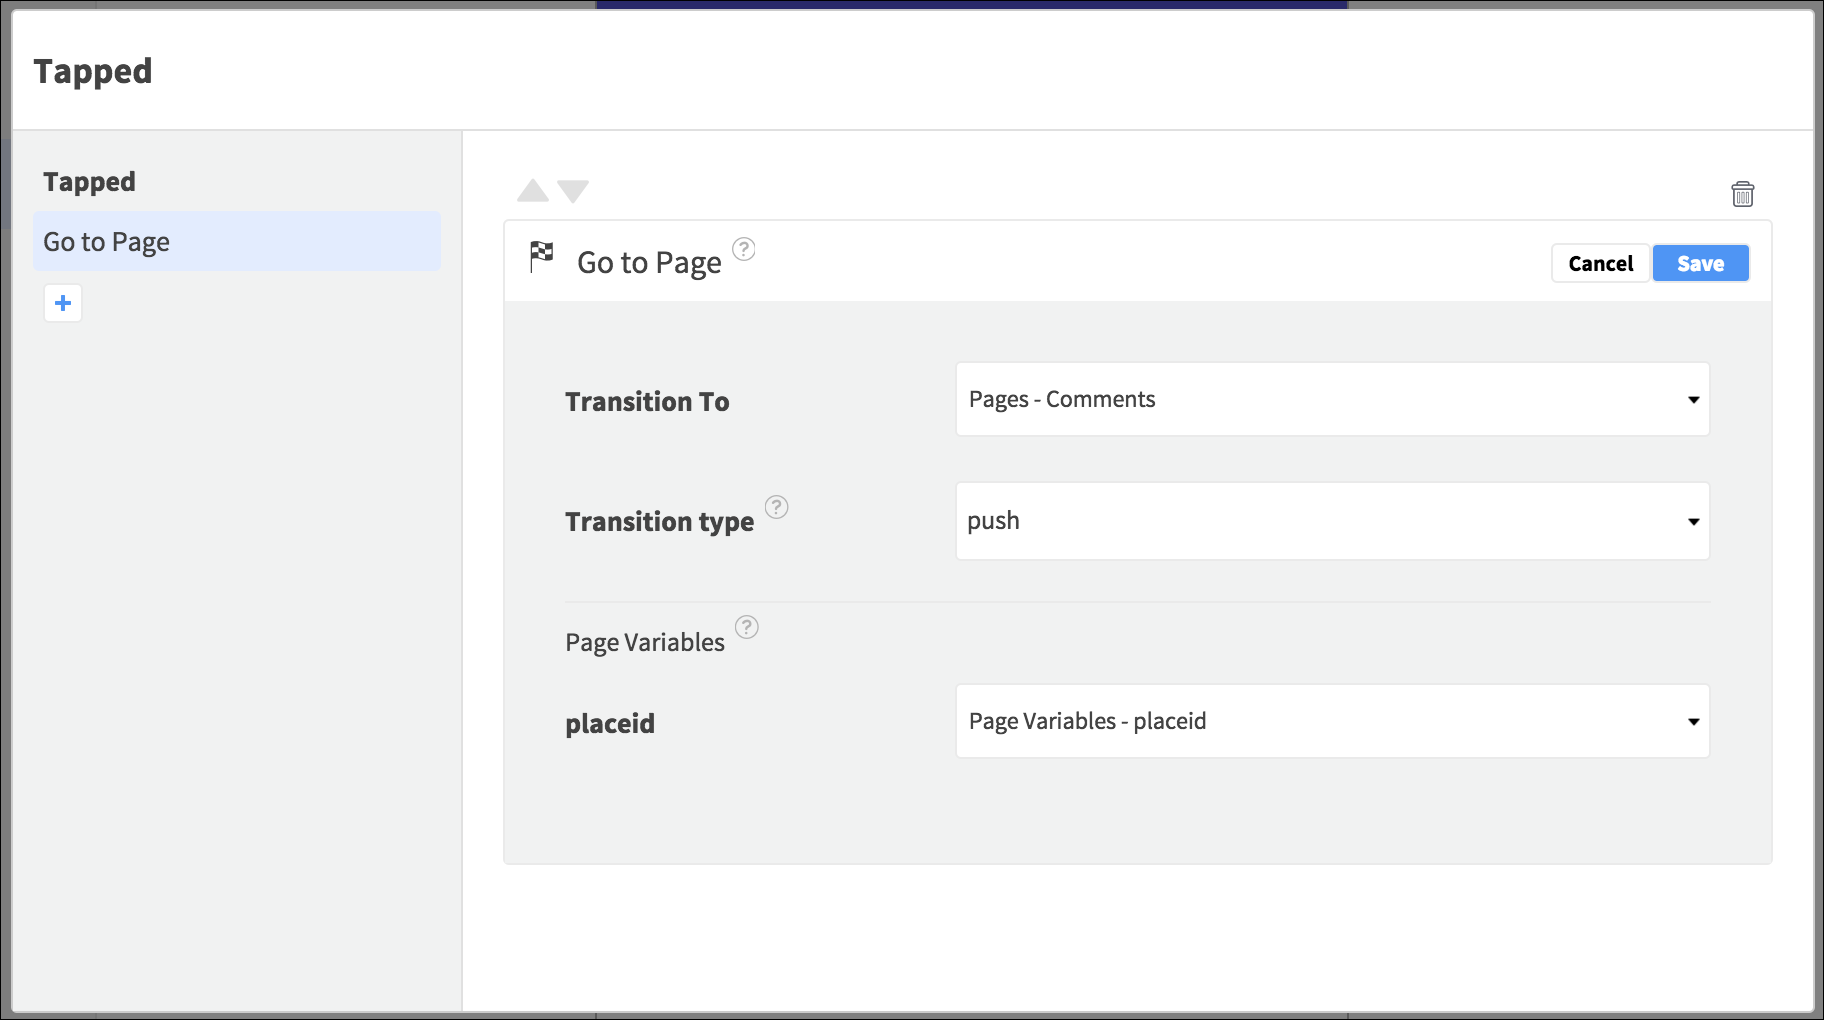 comment page navigation